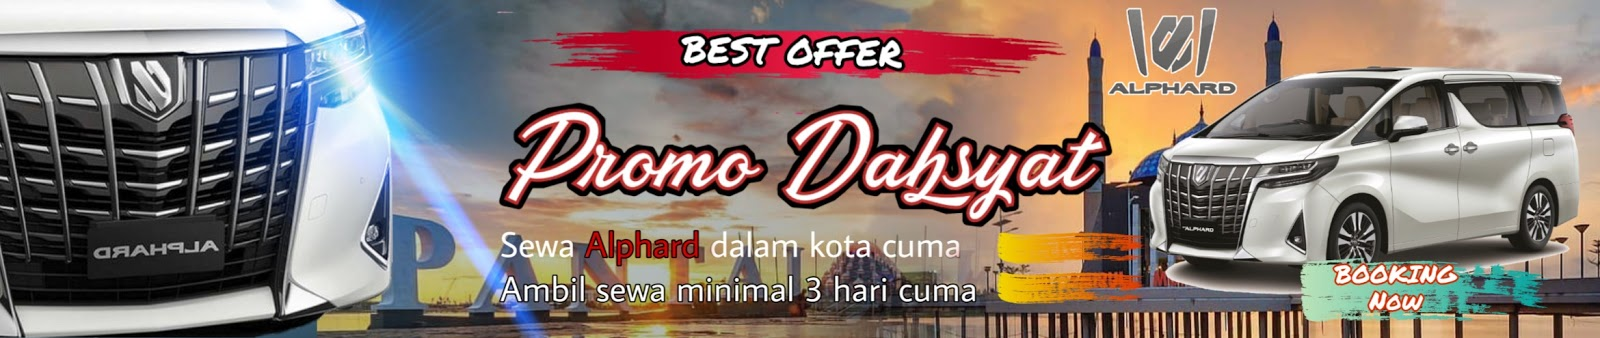 promo rental mobil alphard makassar